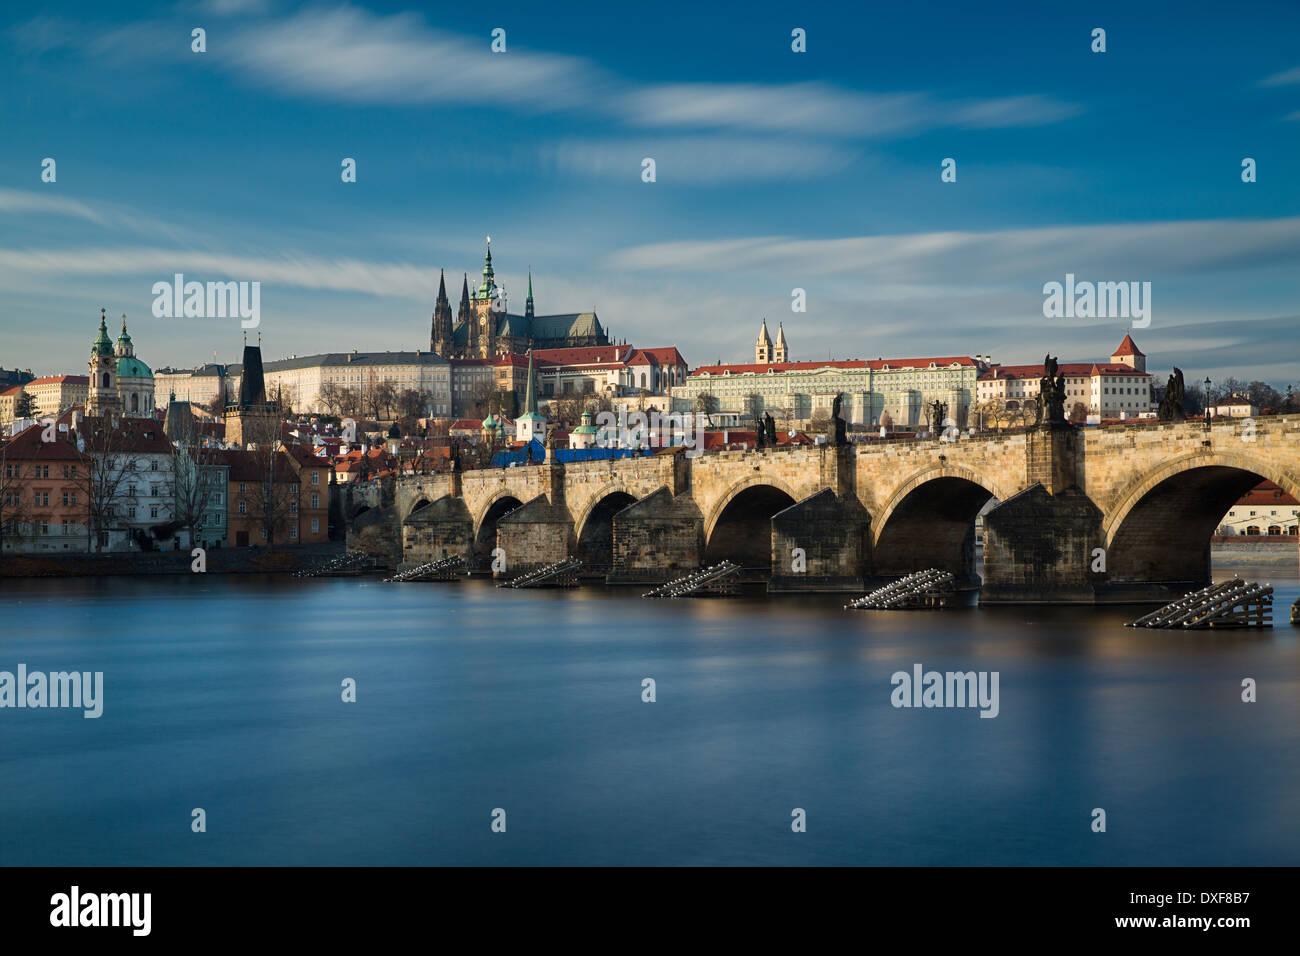 El barrio del castillo, la Catedral de San Vito y el Puente de Carlos sobre el río Vltava, Praga, República Checa Imagen De Stock